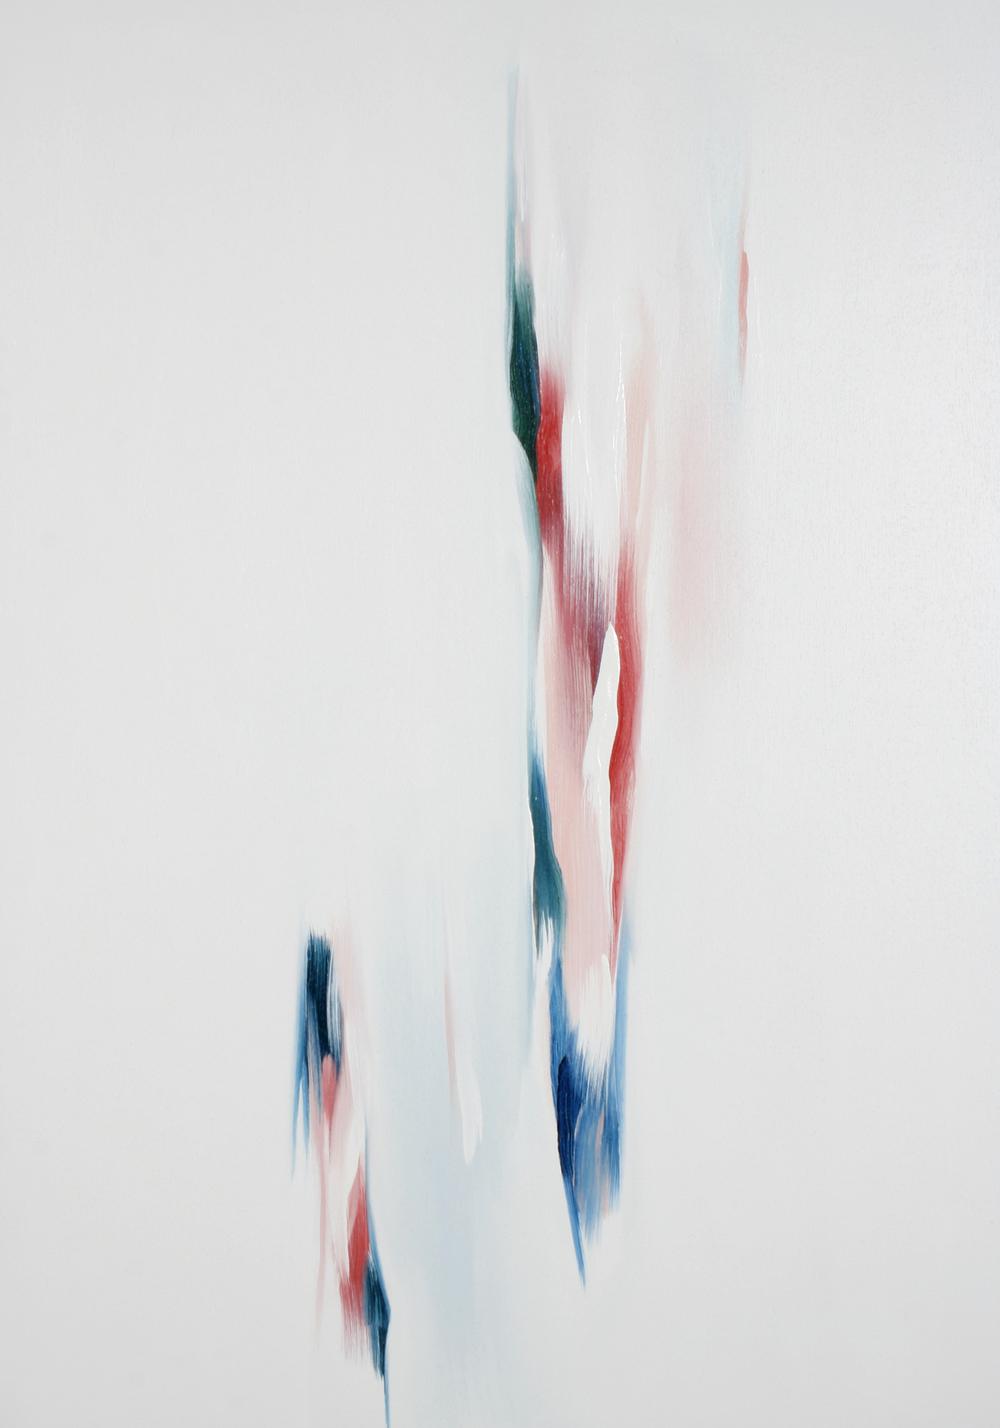 UW IX 2 2007 - olio su tela - cm.100x70